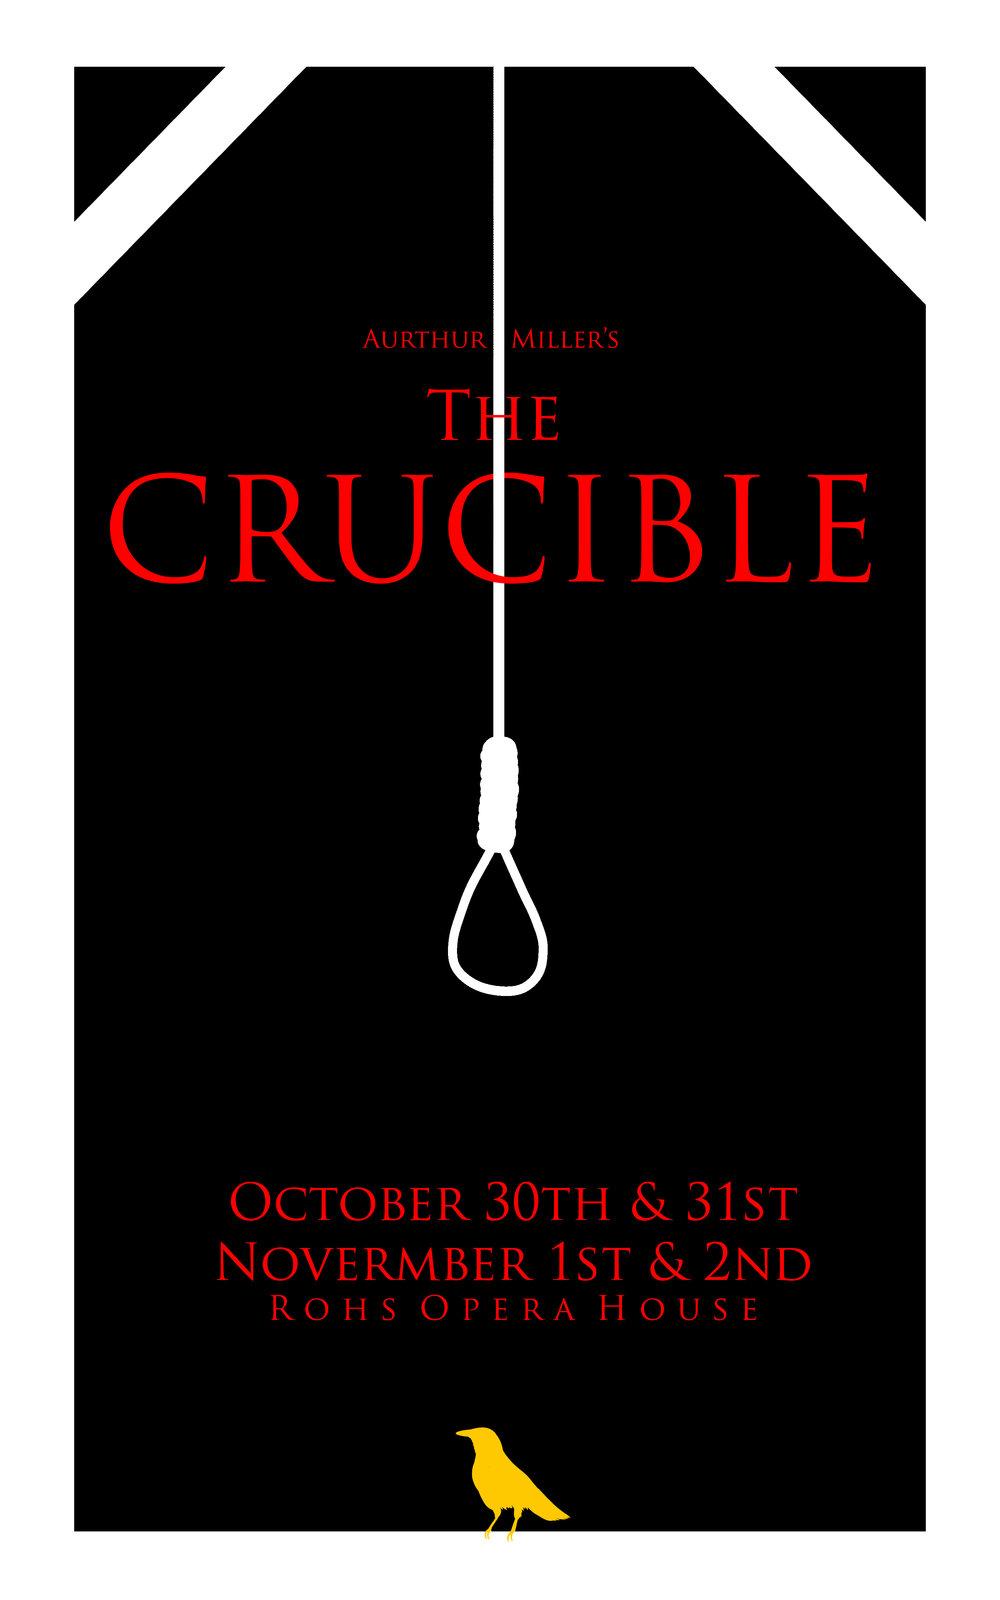 TheCrucible copy.jpg